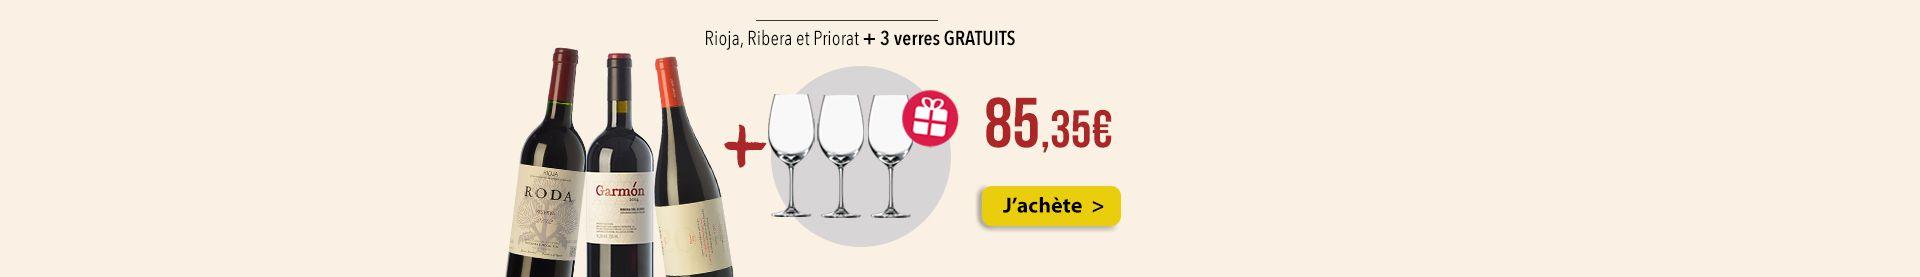 Rioja, Ribera et Priorat + 3 verres GRATUITS